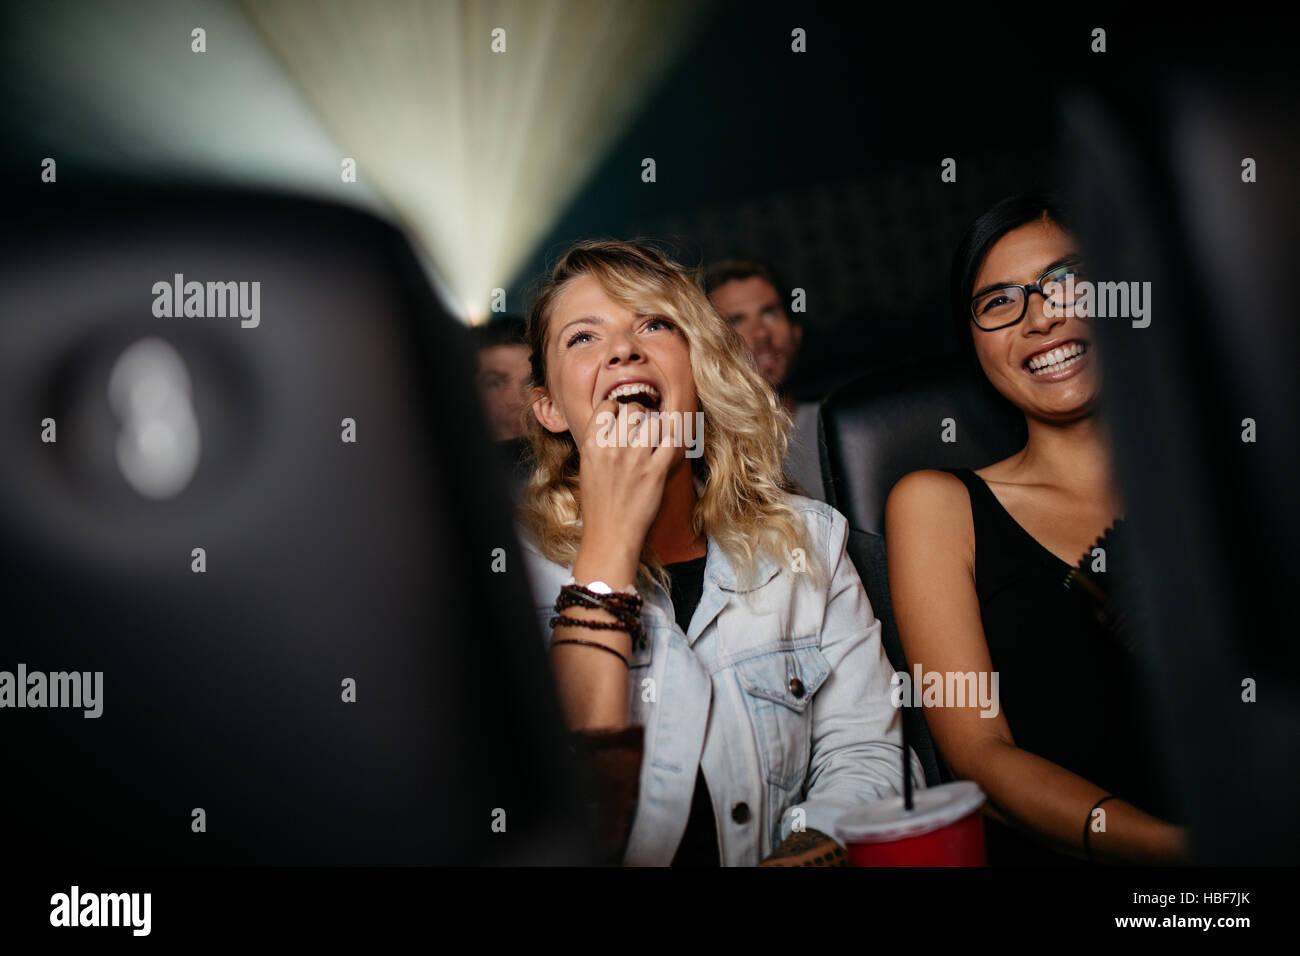 Sorridente giovani donne in sala cinema mangiare popcorn e guardare film Immagini Stock